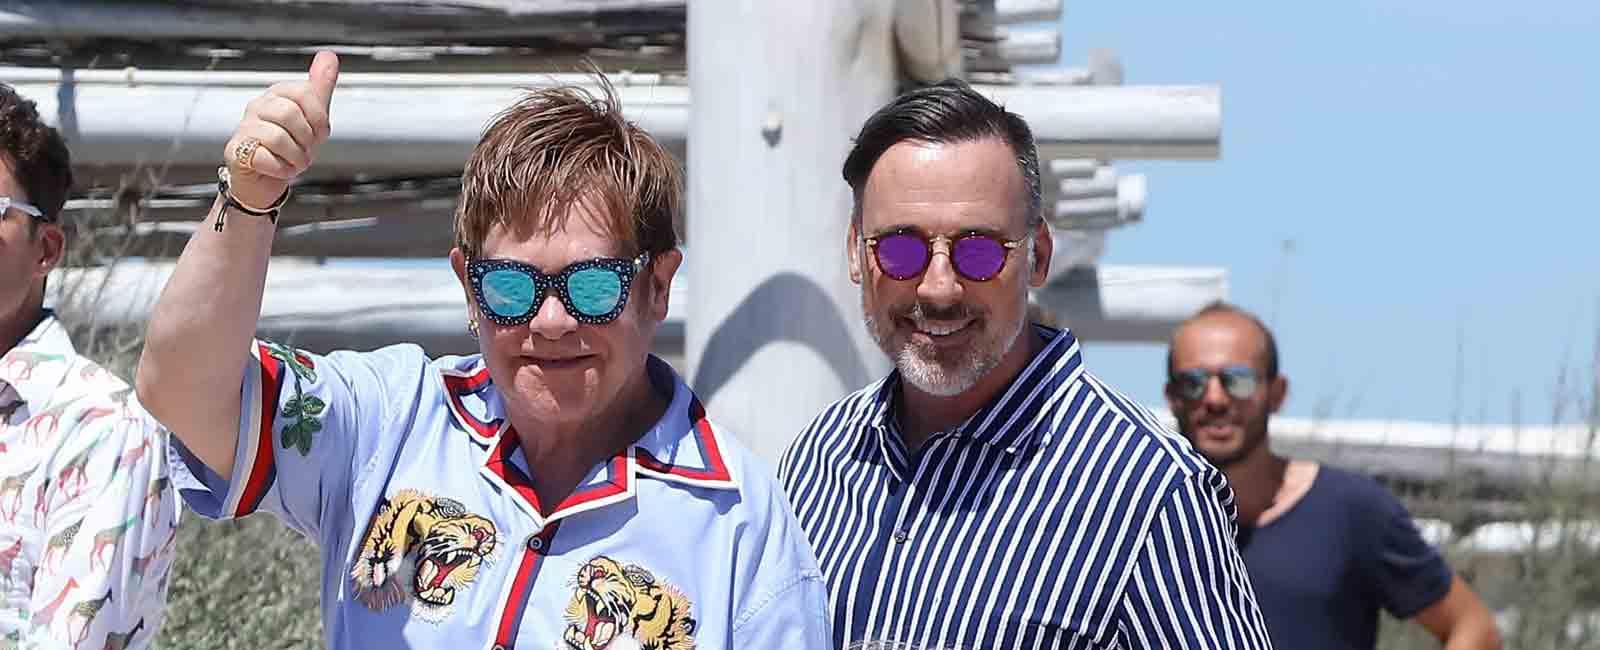 Elton John repite vacaciones con su marido y sus hijos en Saint-Tropez